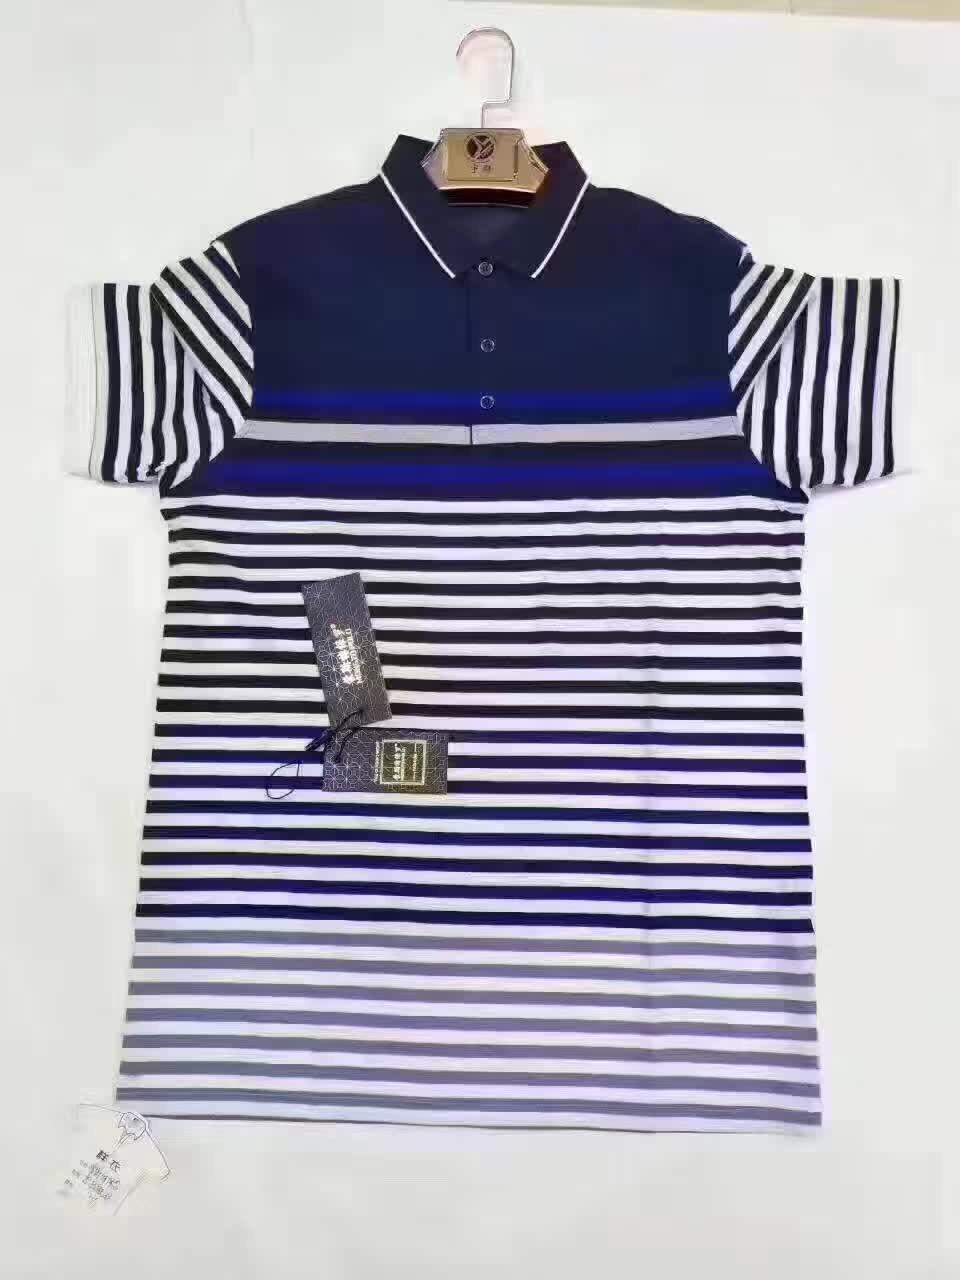 高档品牌蒙斯特保罗条纹翻领短袖男式t恤